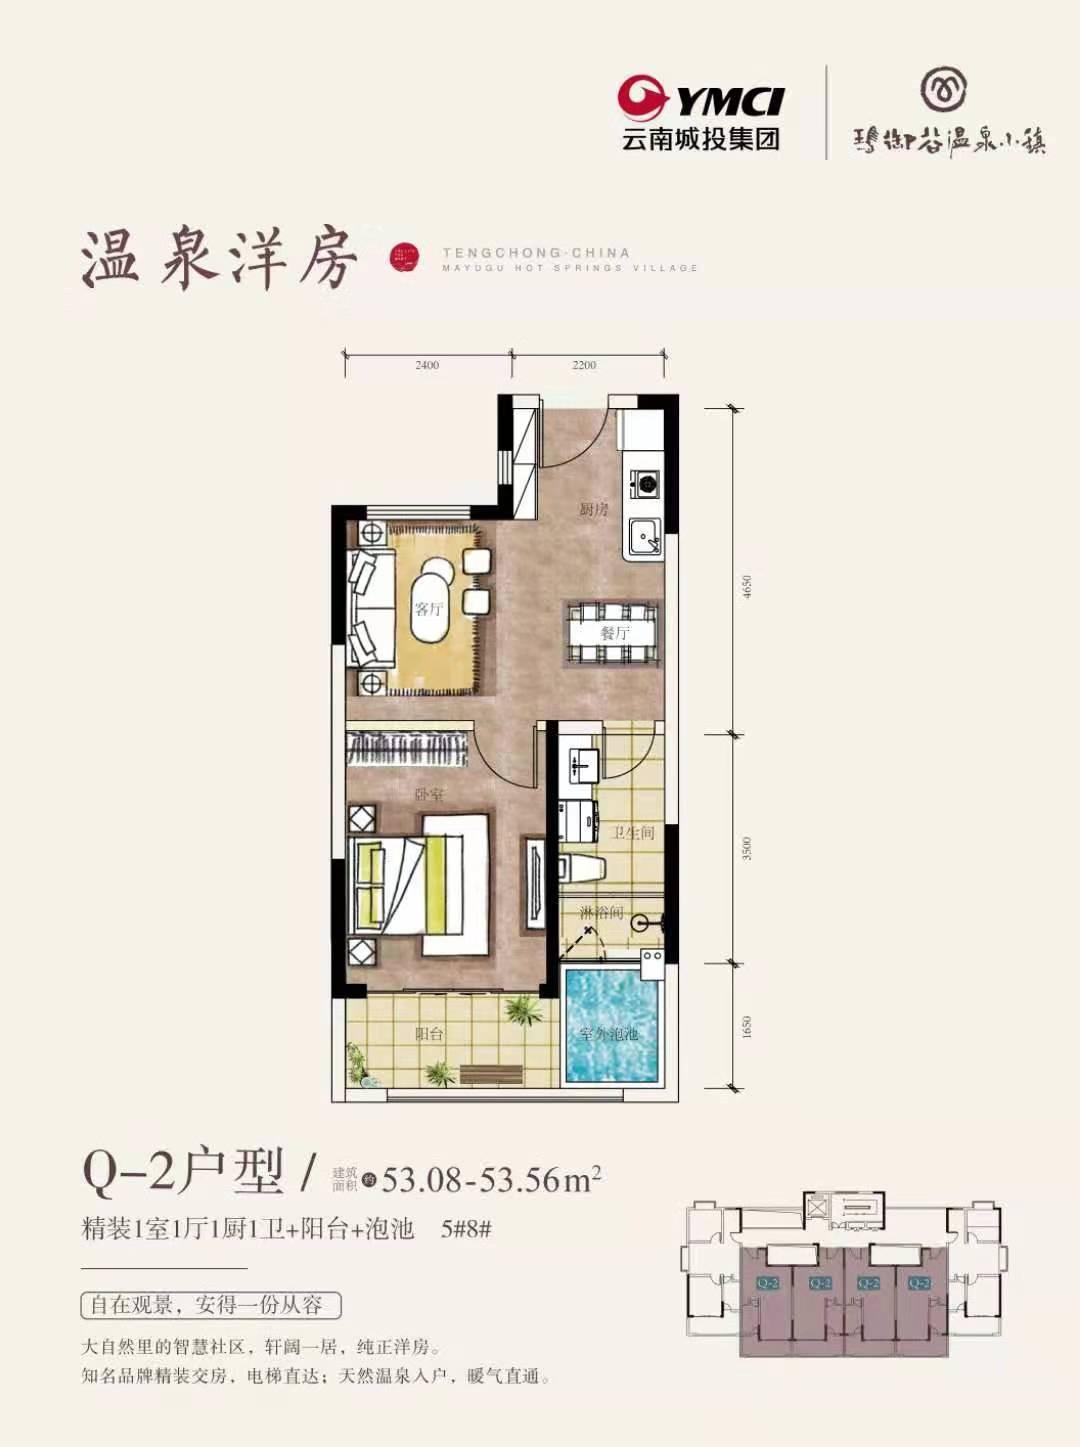 温泉洋房Q-2  1室1厅1卫建面53.08-53.56㎡